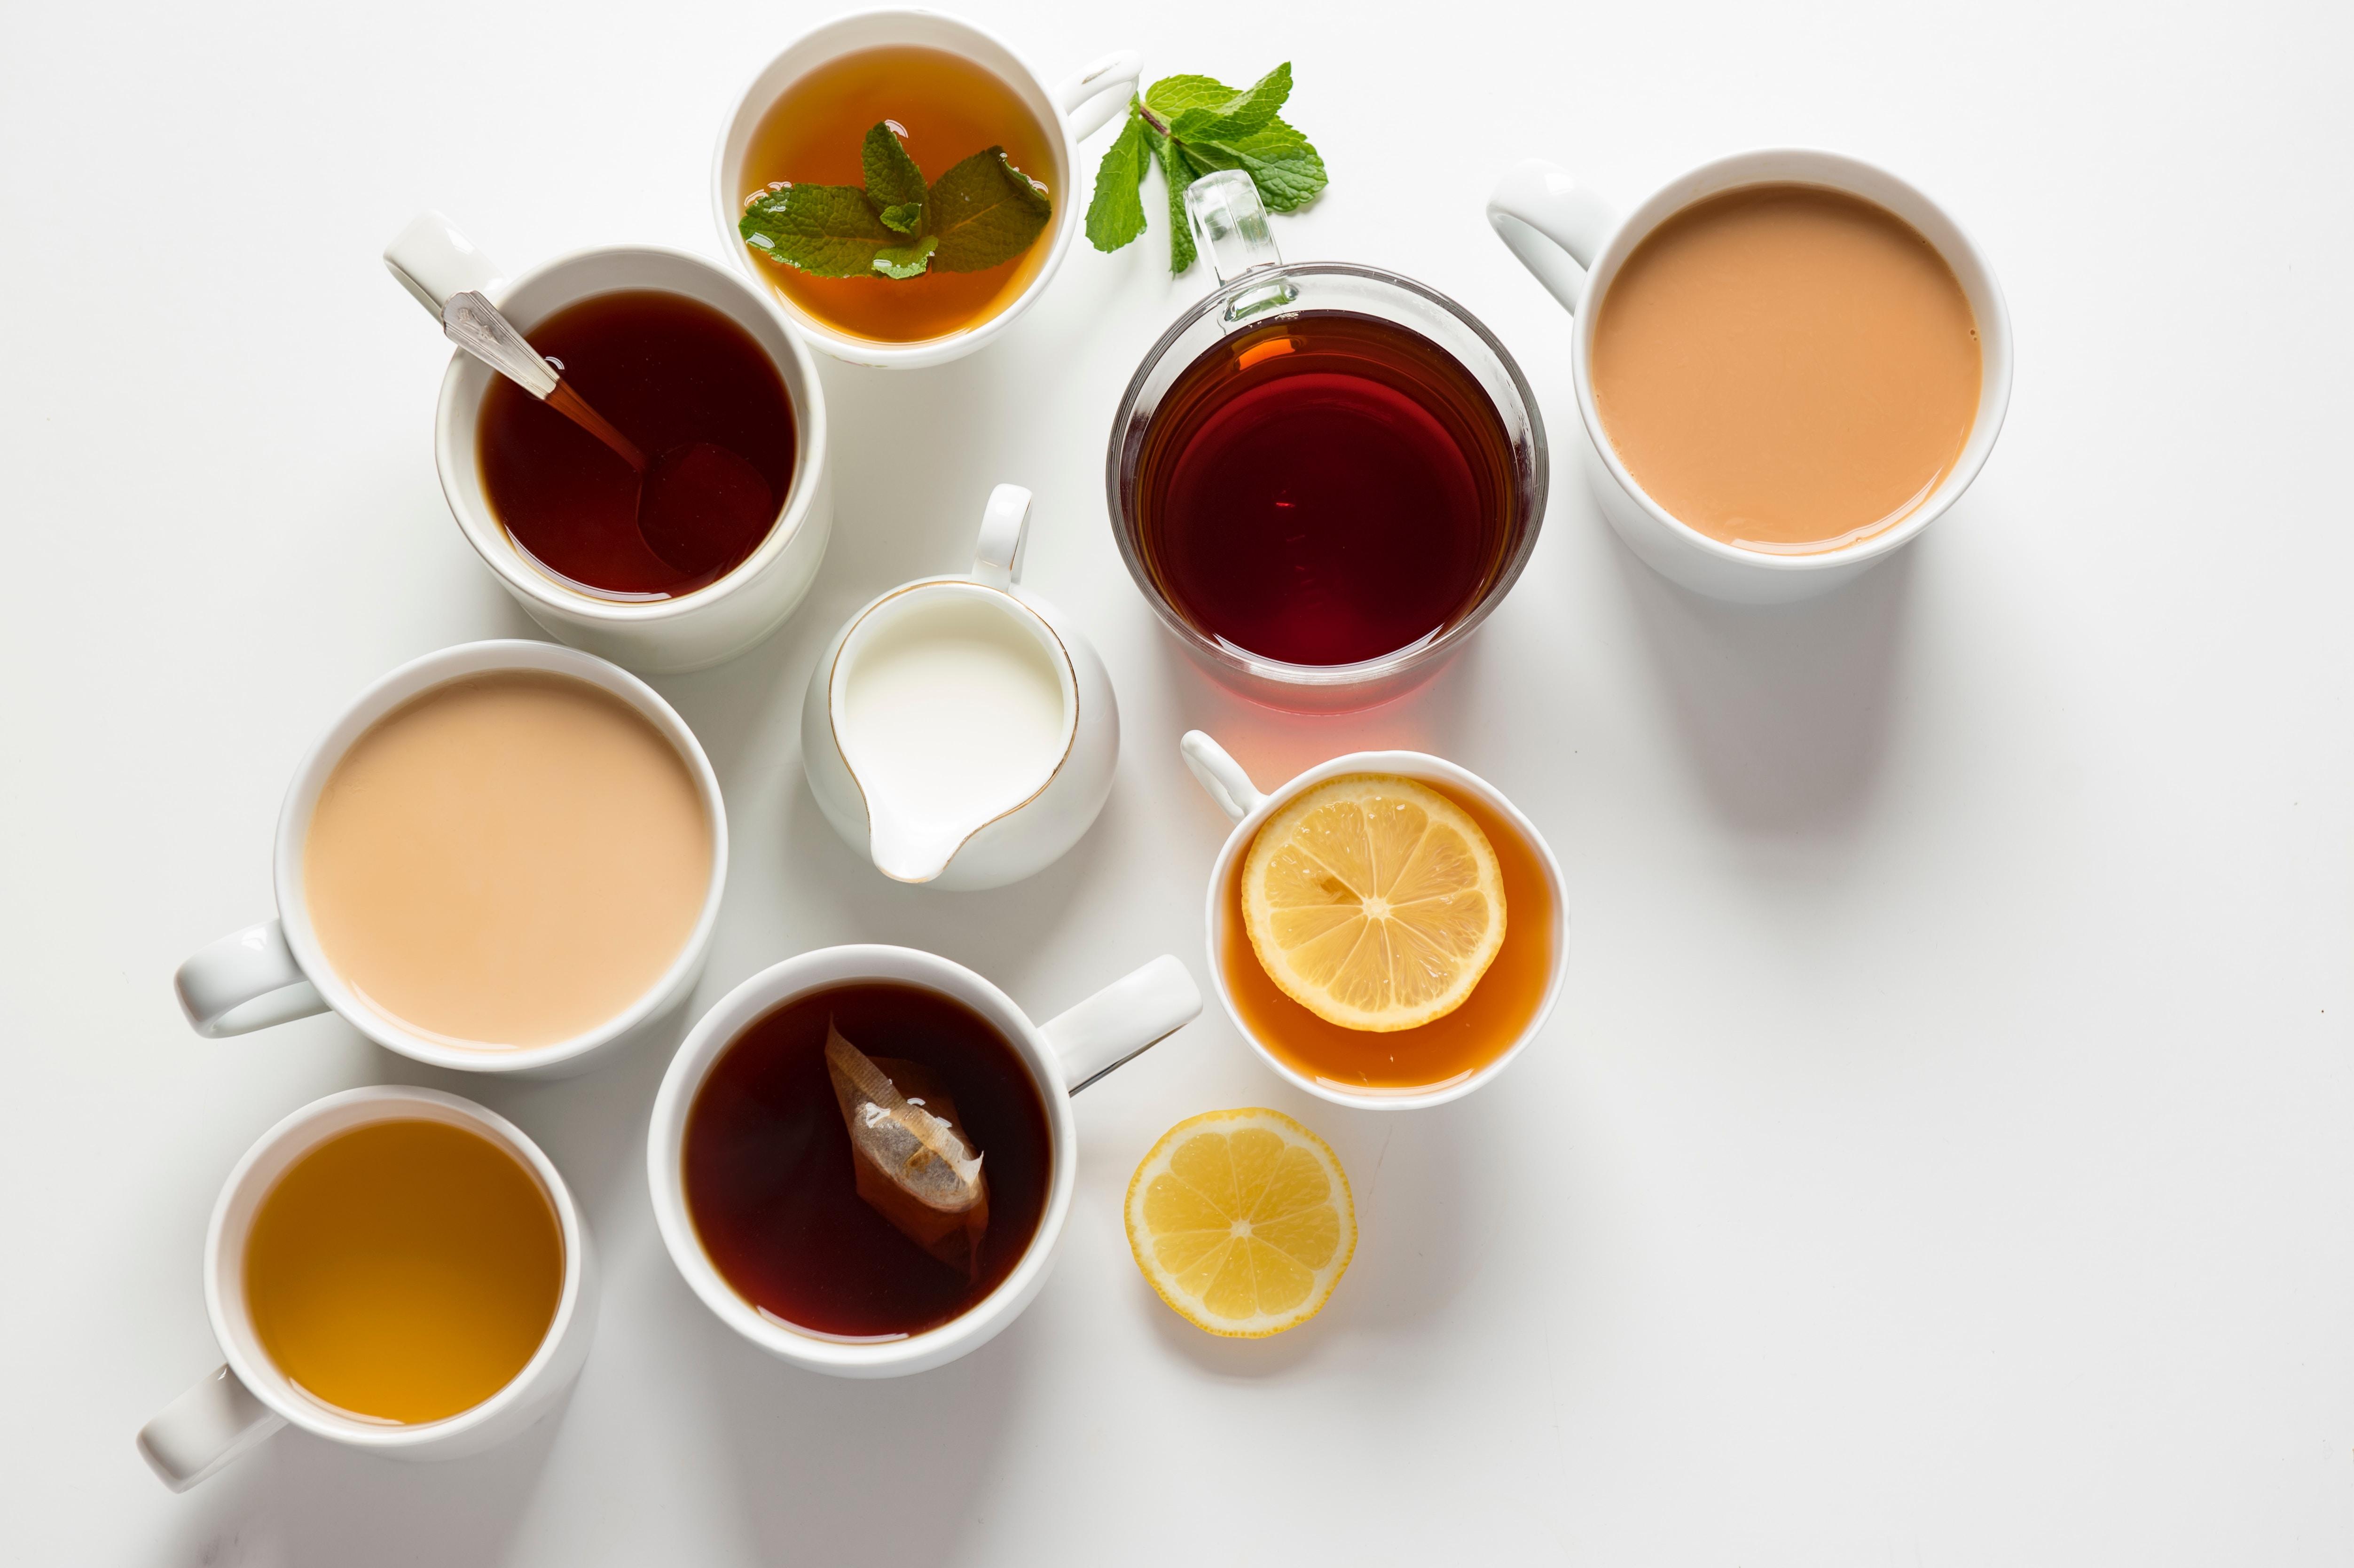 Žiema dovanoja daugiau progų pasimėgauti arbata – sustiprinti imunitetą